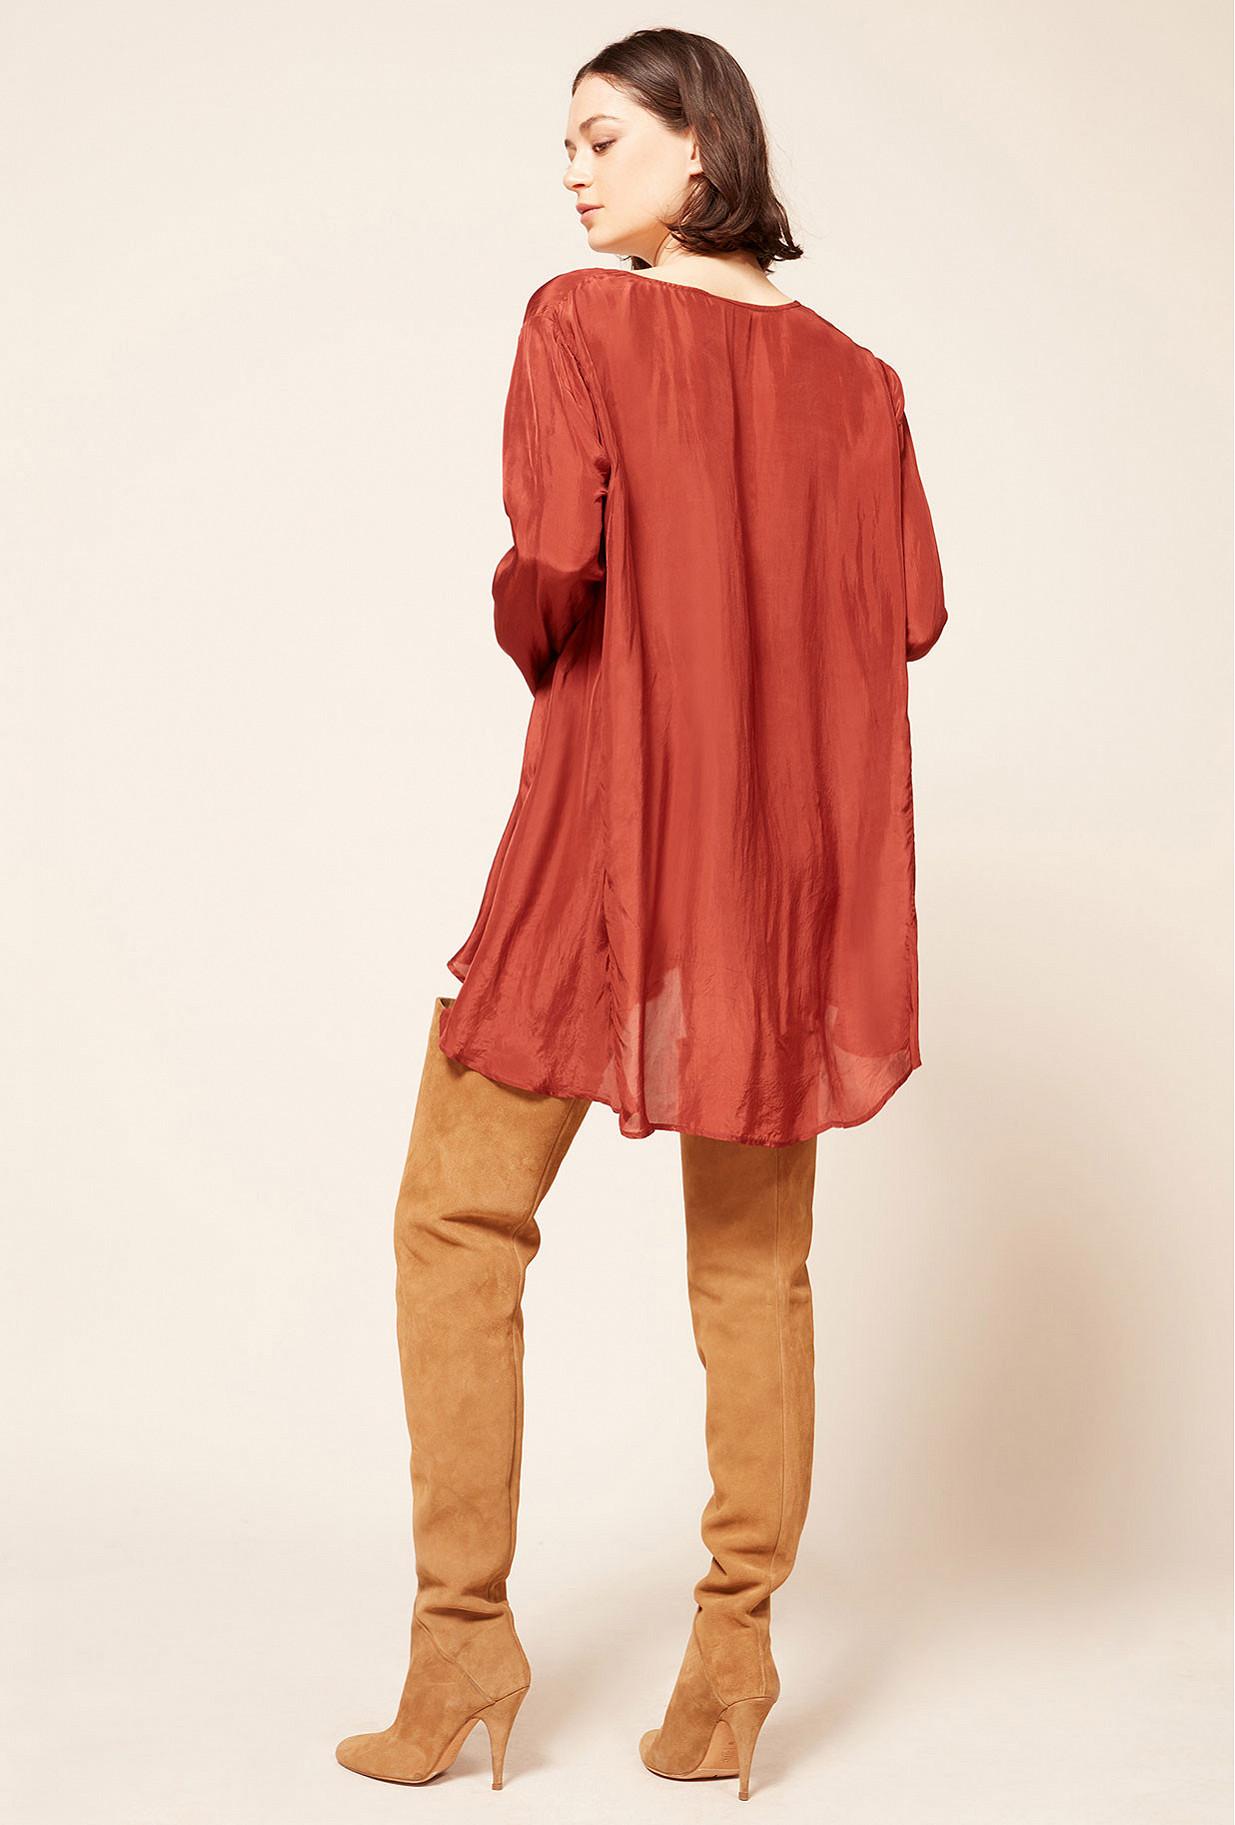 Blouse Rouge  Mitsu mes demoiselles paris vêtement femme paris